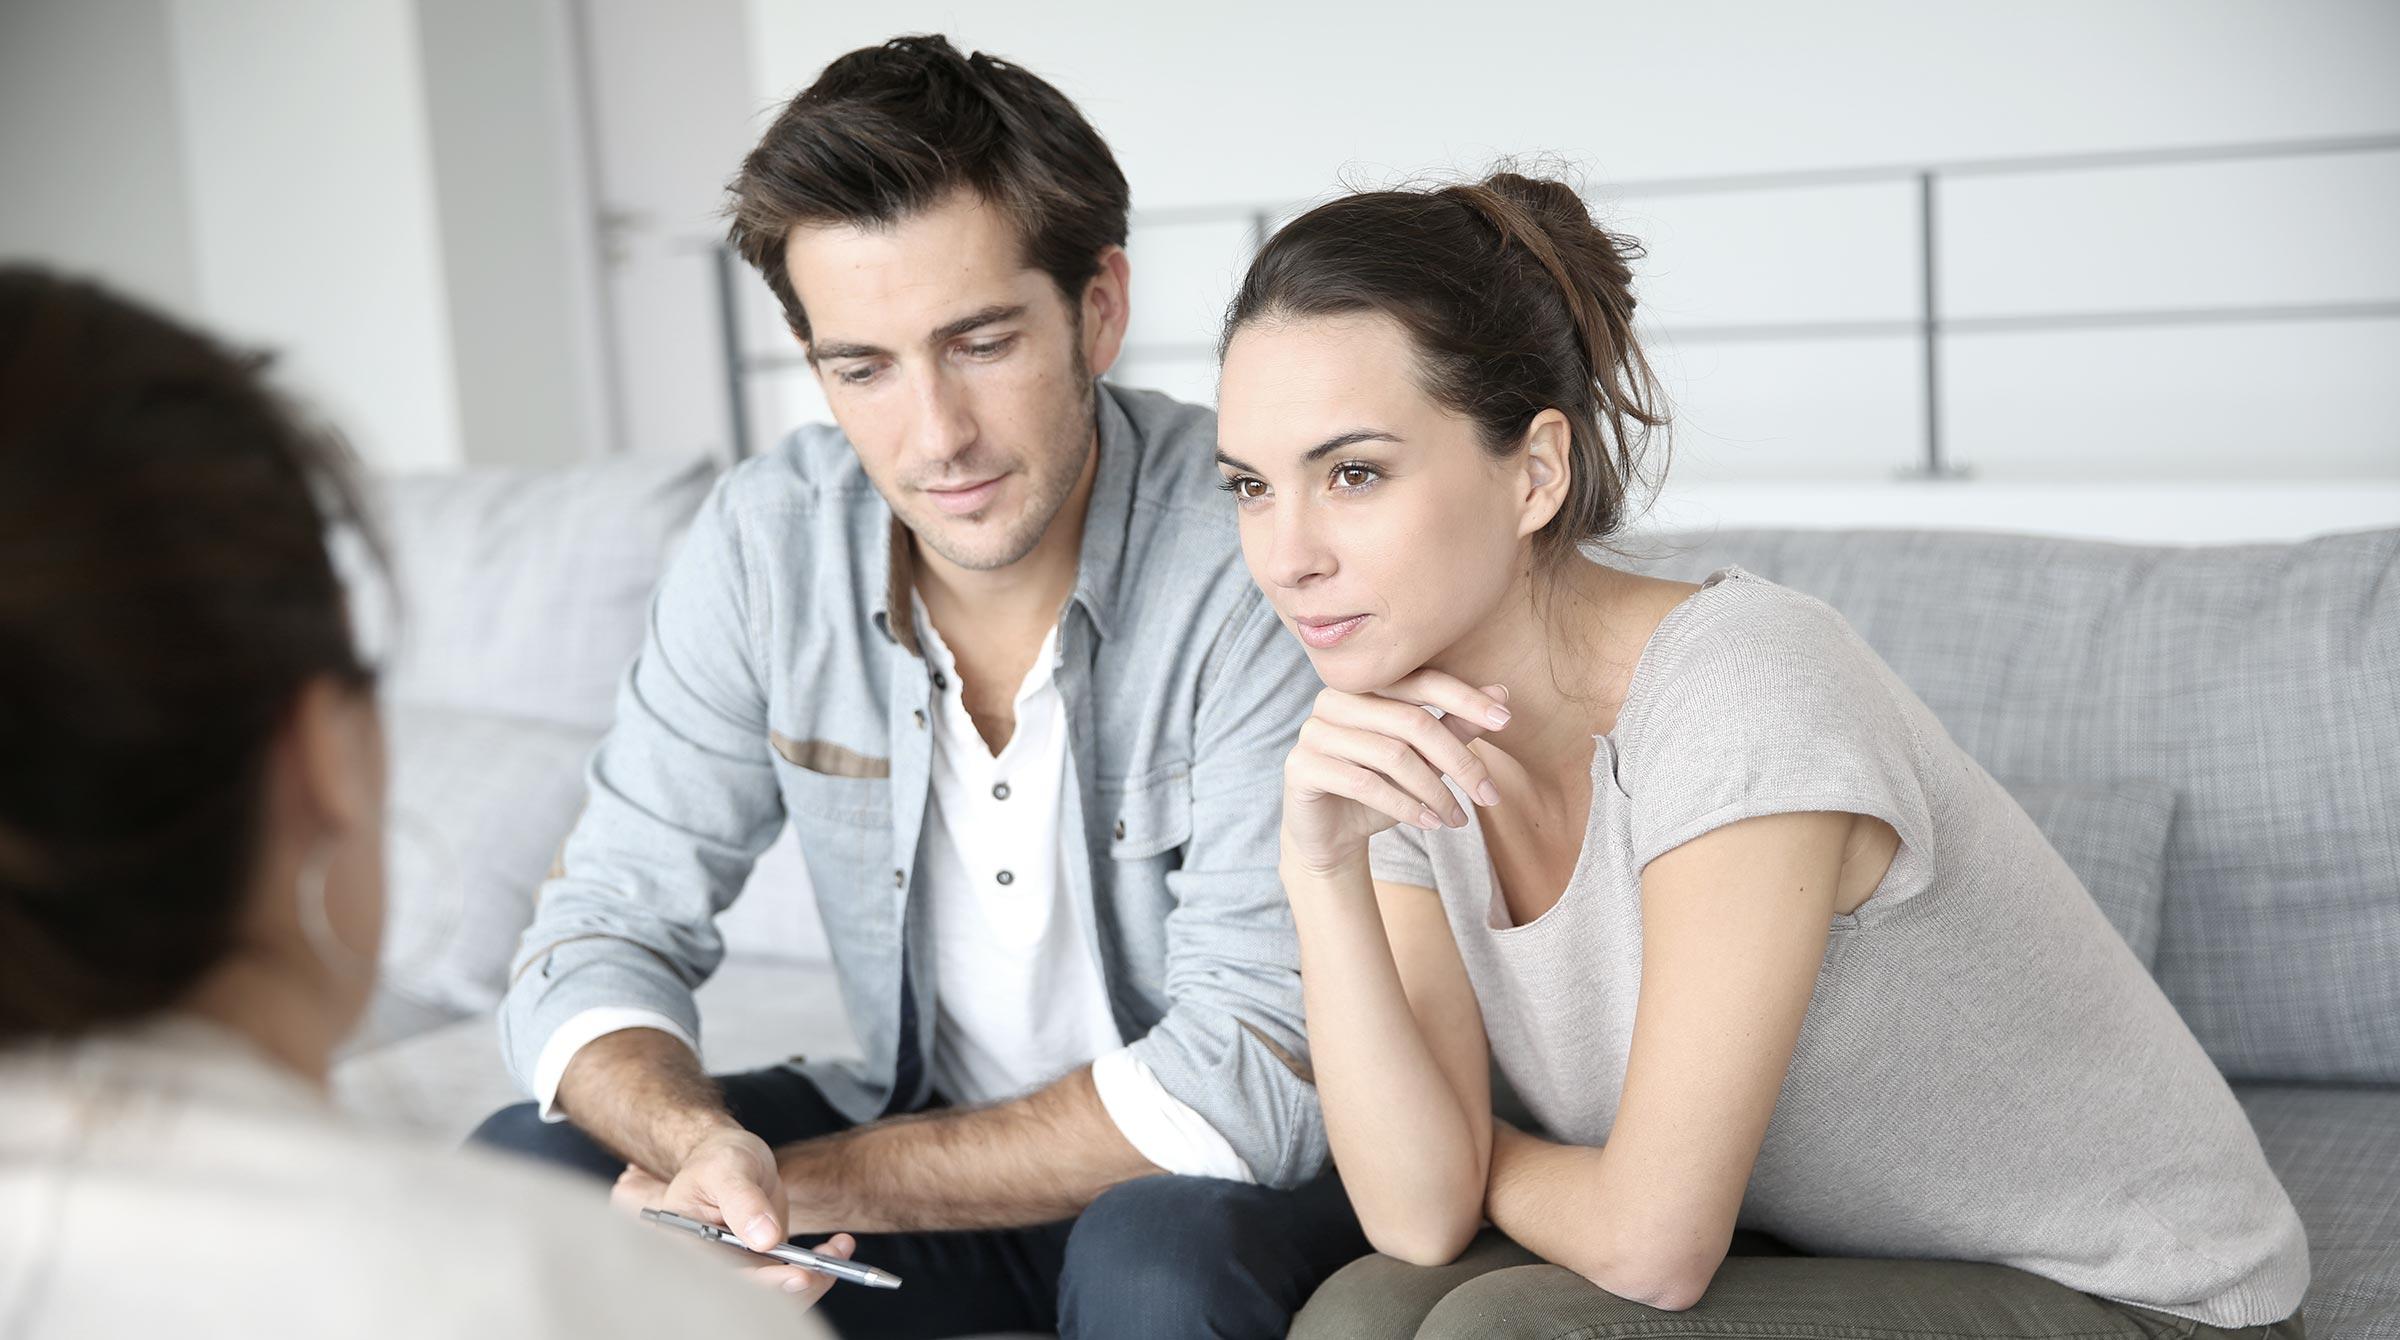 Haus bauen oder kaufen: Was ist besser?